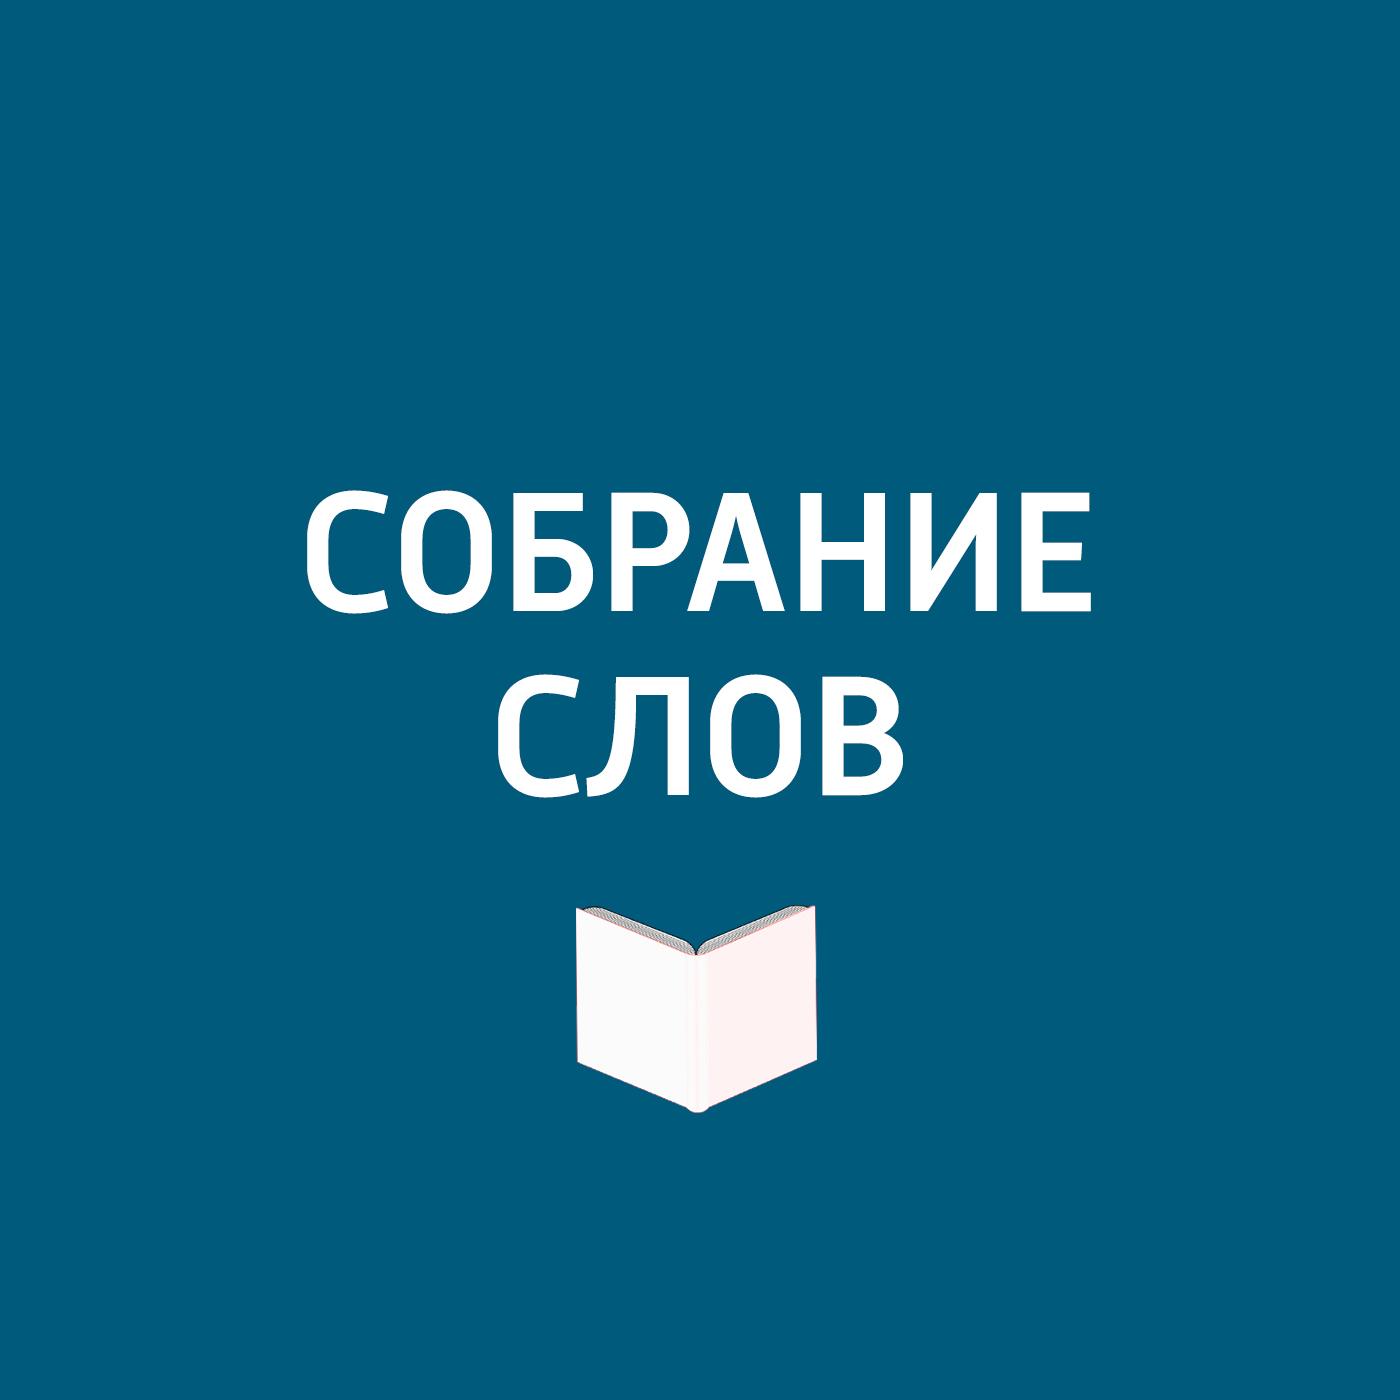 Творческий коллектив программы «Собрание слов» Большое интервью Никиты Козлова